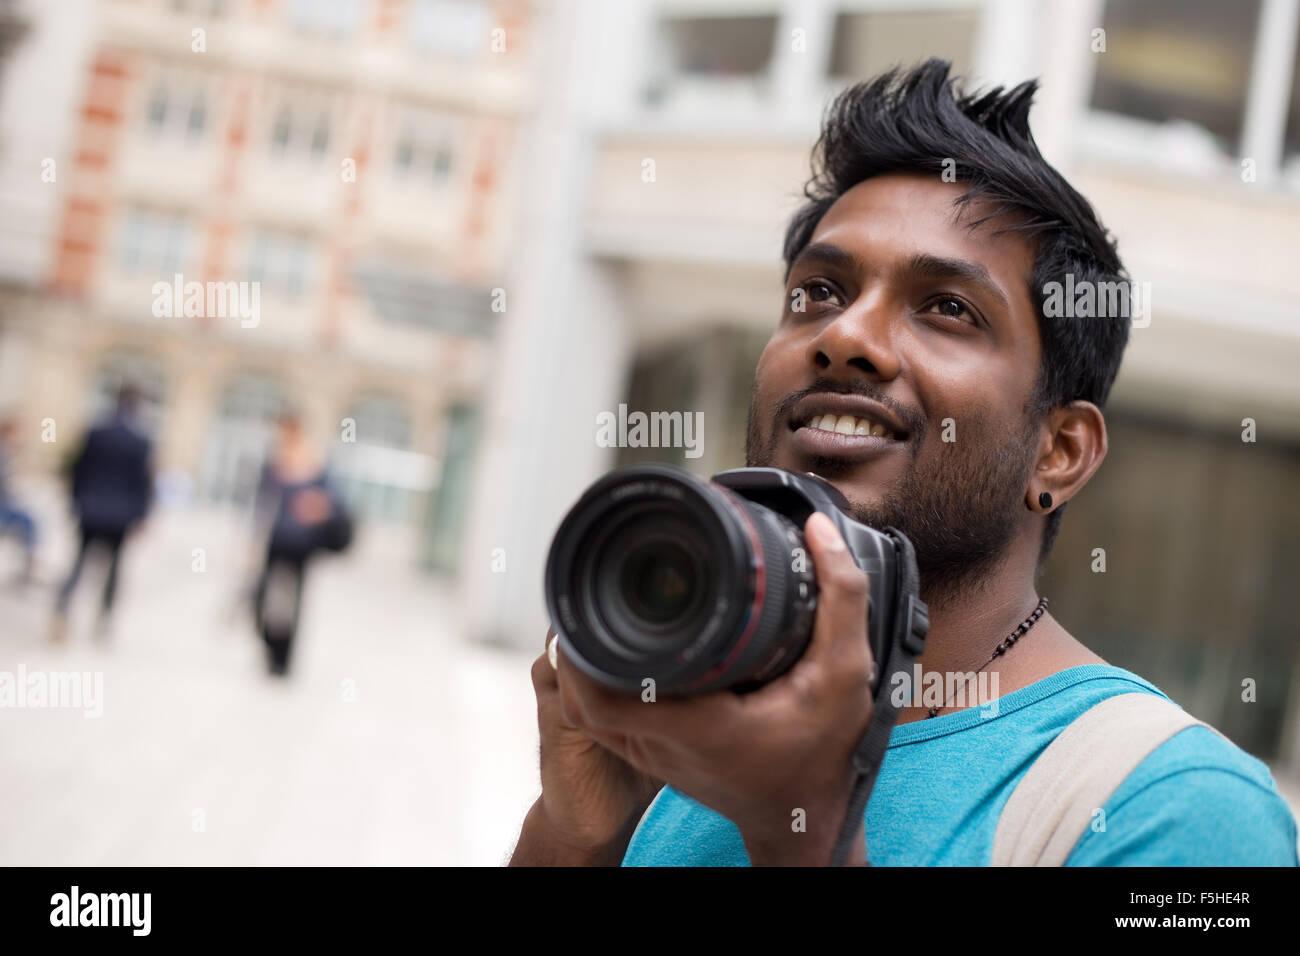 junge indische Mann im Urlaub fotografieren Stockbild